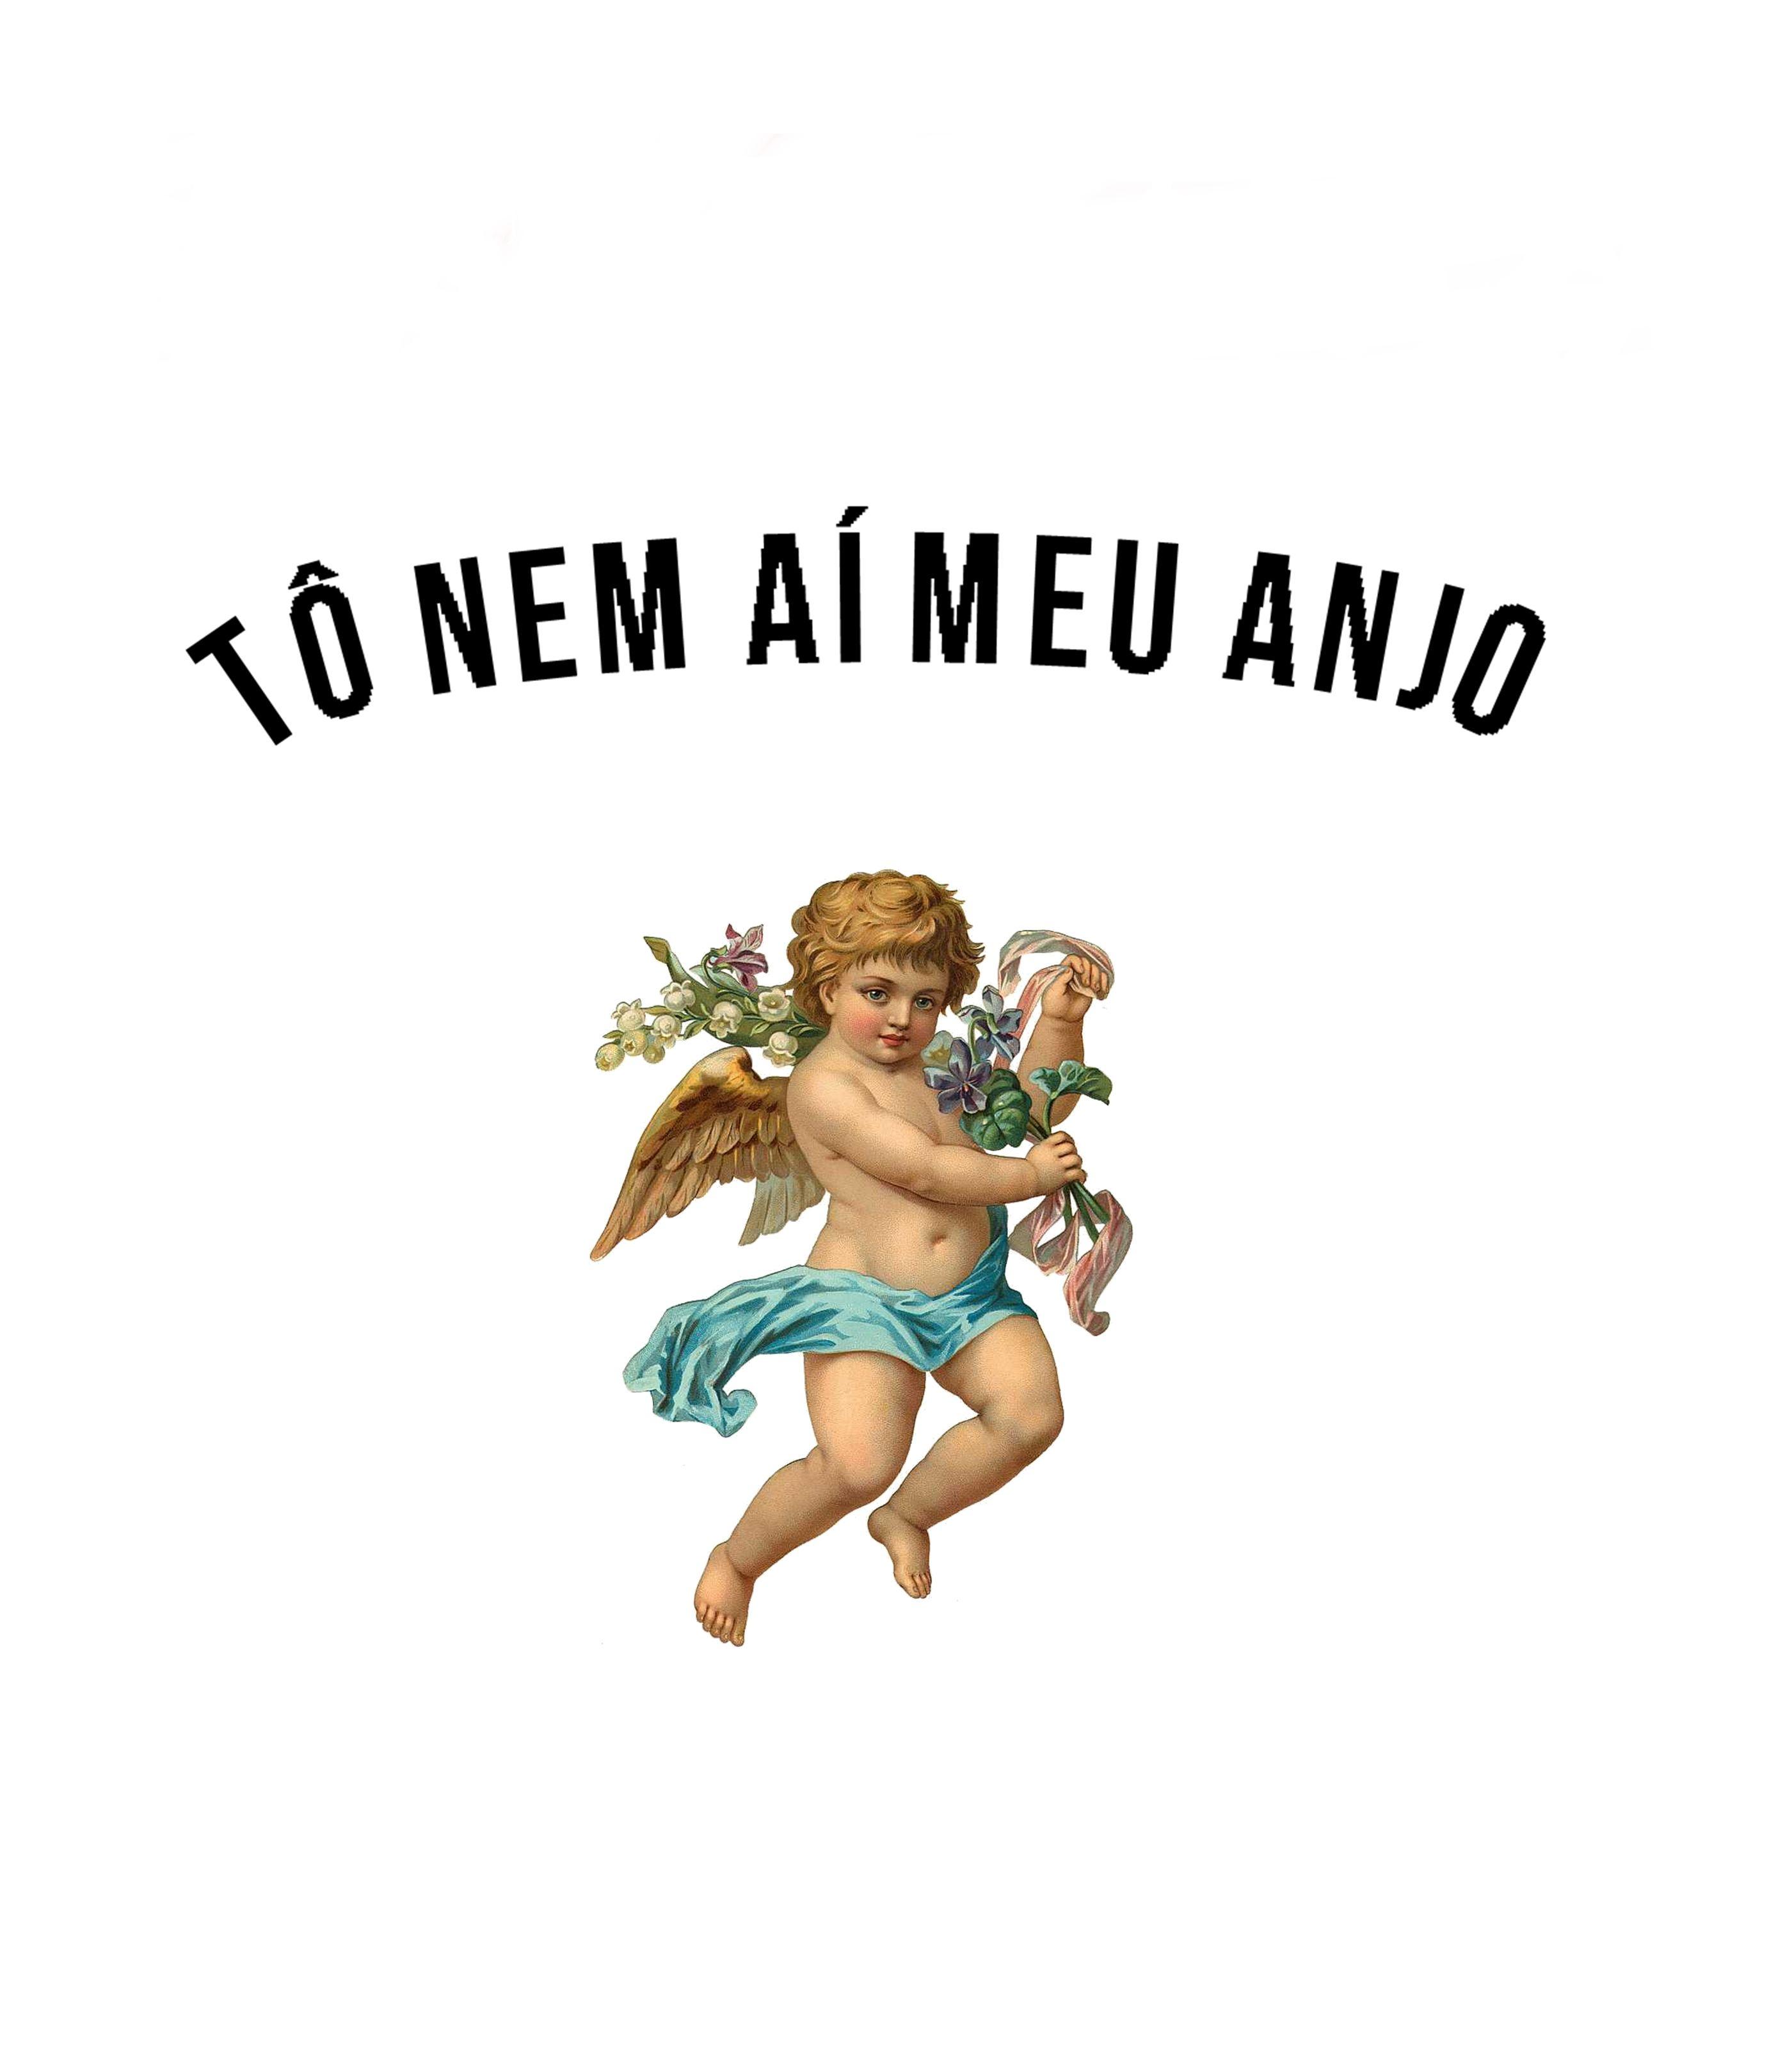 Camiseta To Nem Ai Meu Anjo Vandal Em 2020 Com Imagens